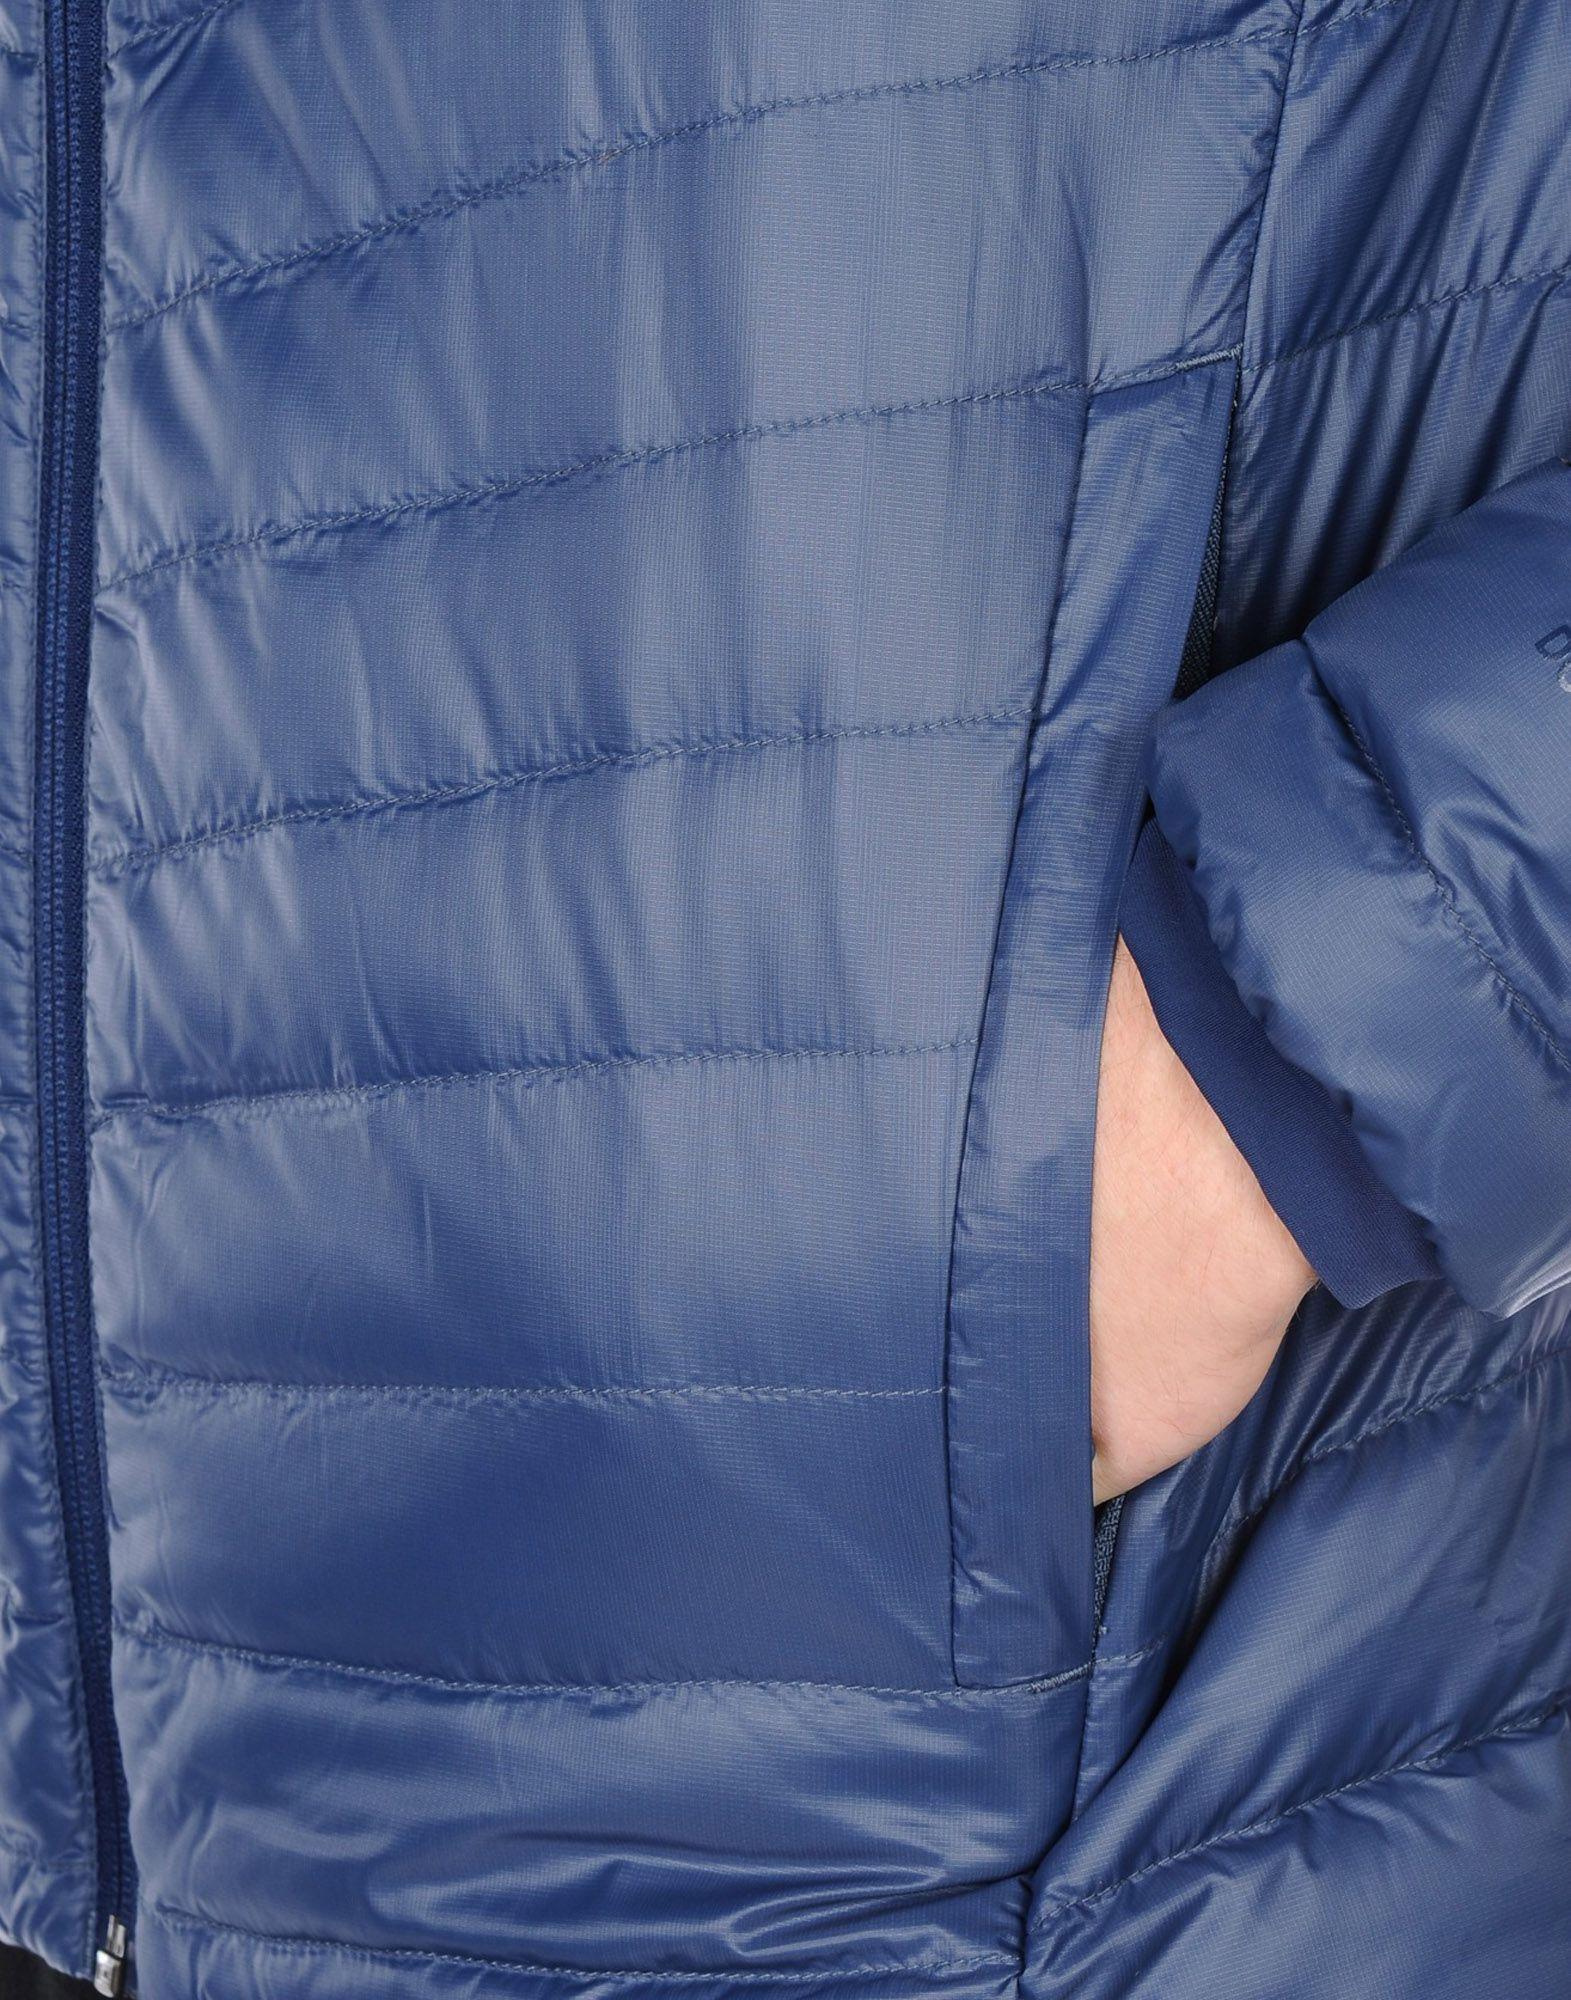 Helly Hansen Goose Down Jacket in Dark Blue (Blue) for Men